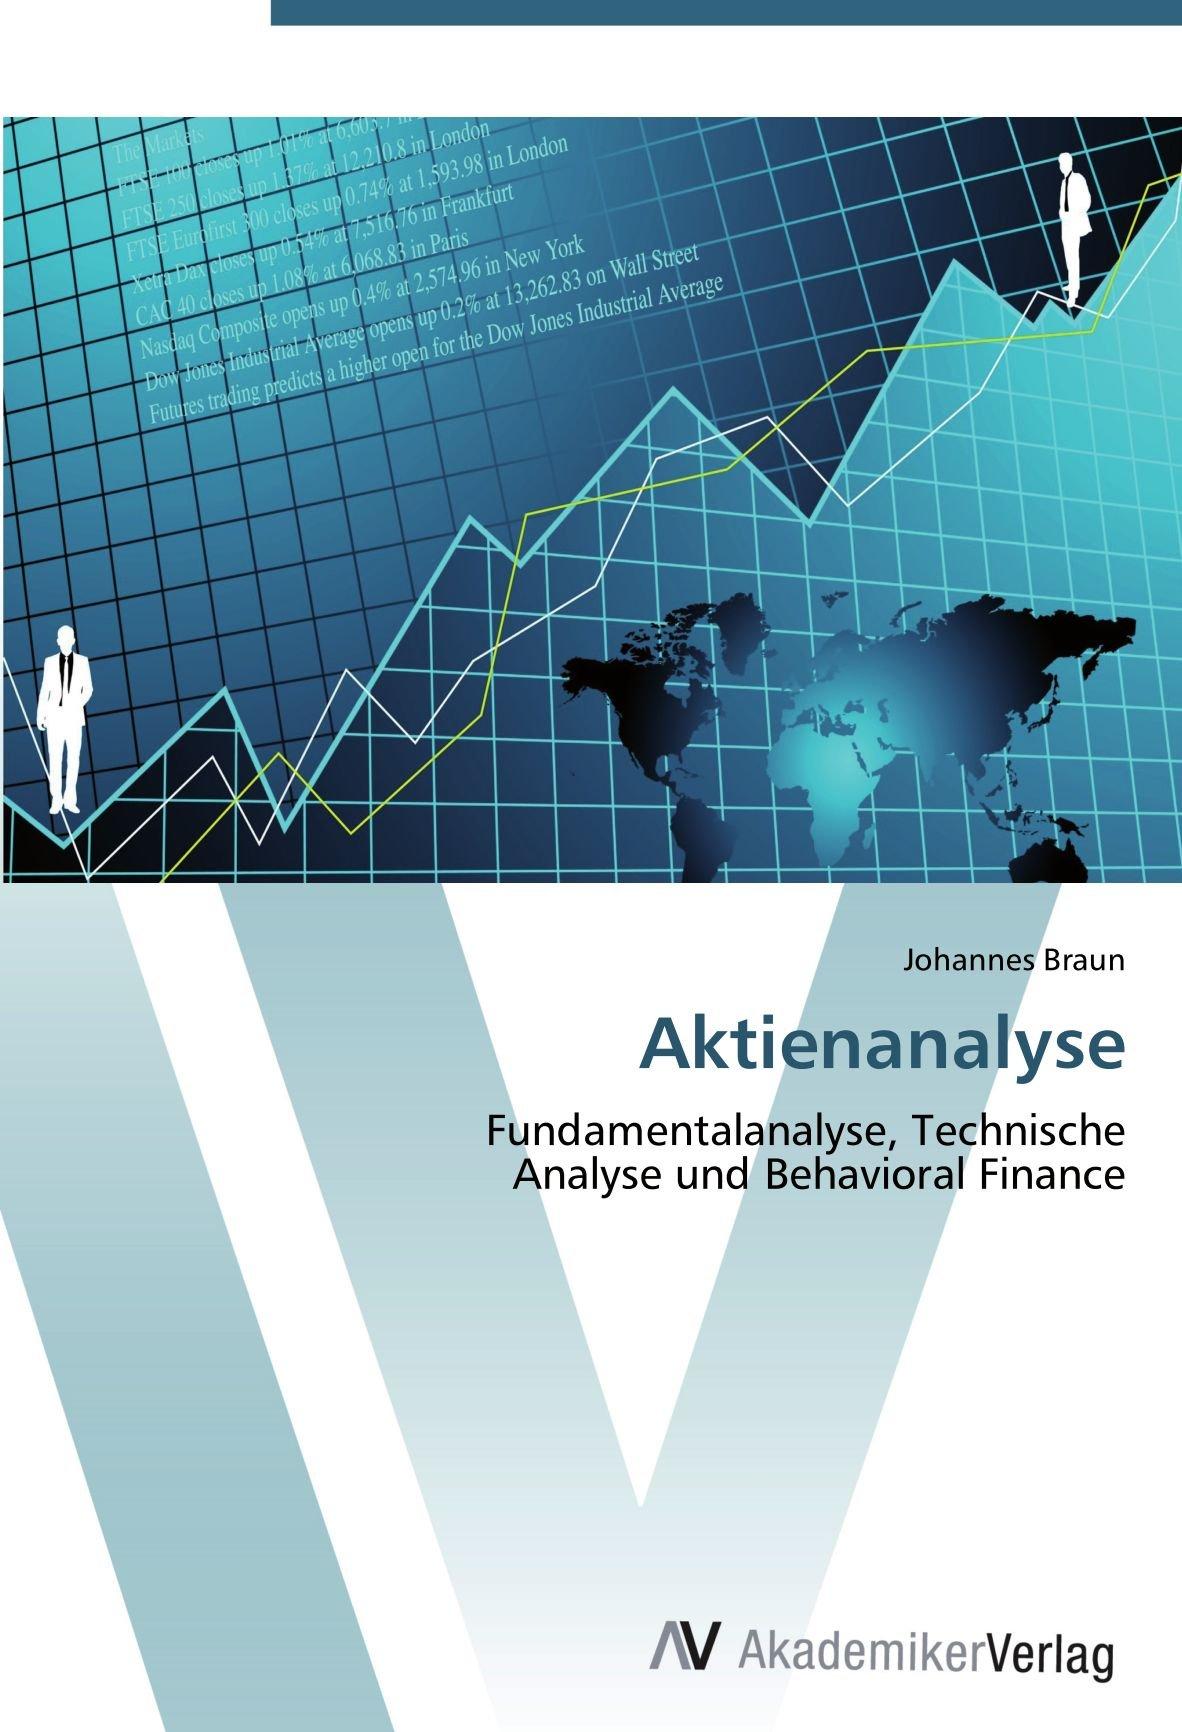 Aktienanalyse: Fundamentalanalyse, Technische Analyse und Behavioral Finance Taschenbuch – 11. Mai 2012 Johannes Braun AV Akademikerverlag 3639408950 Soziologie